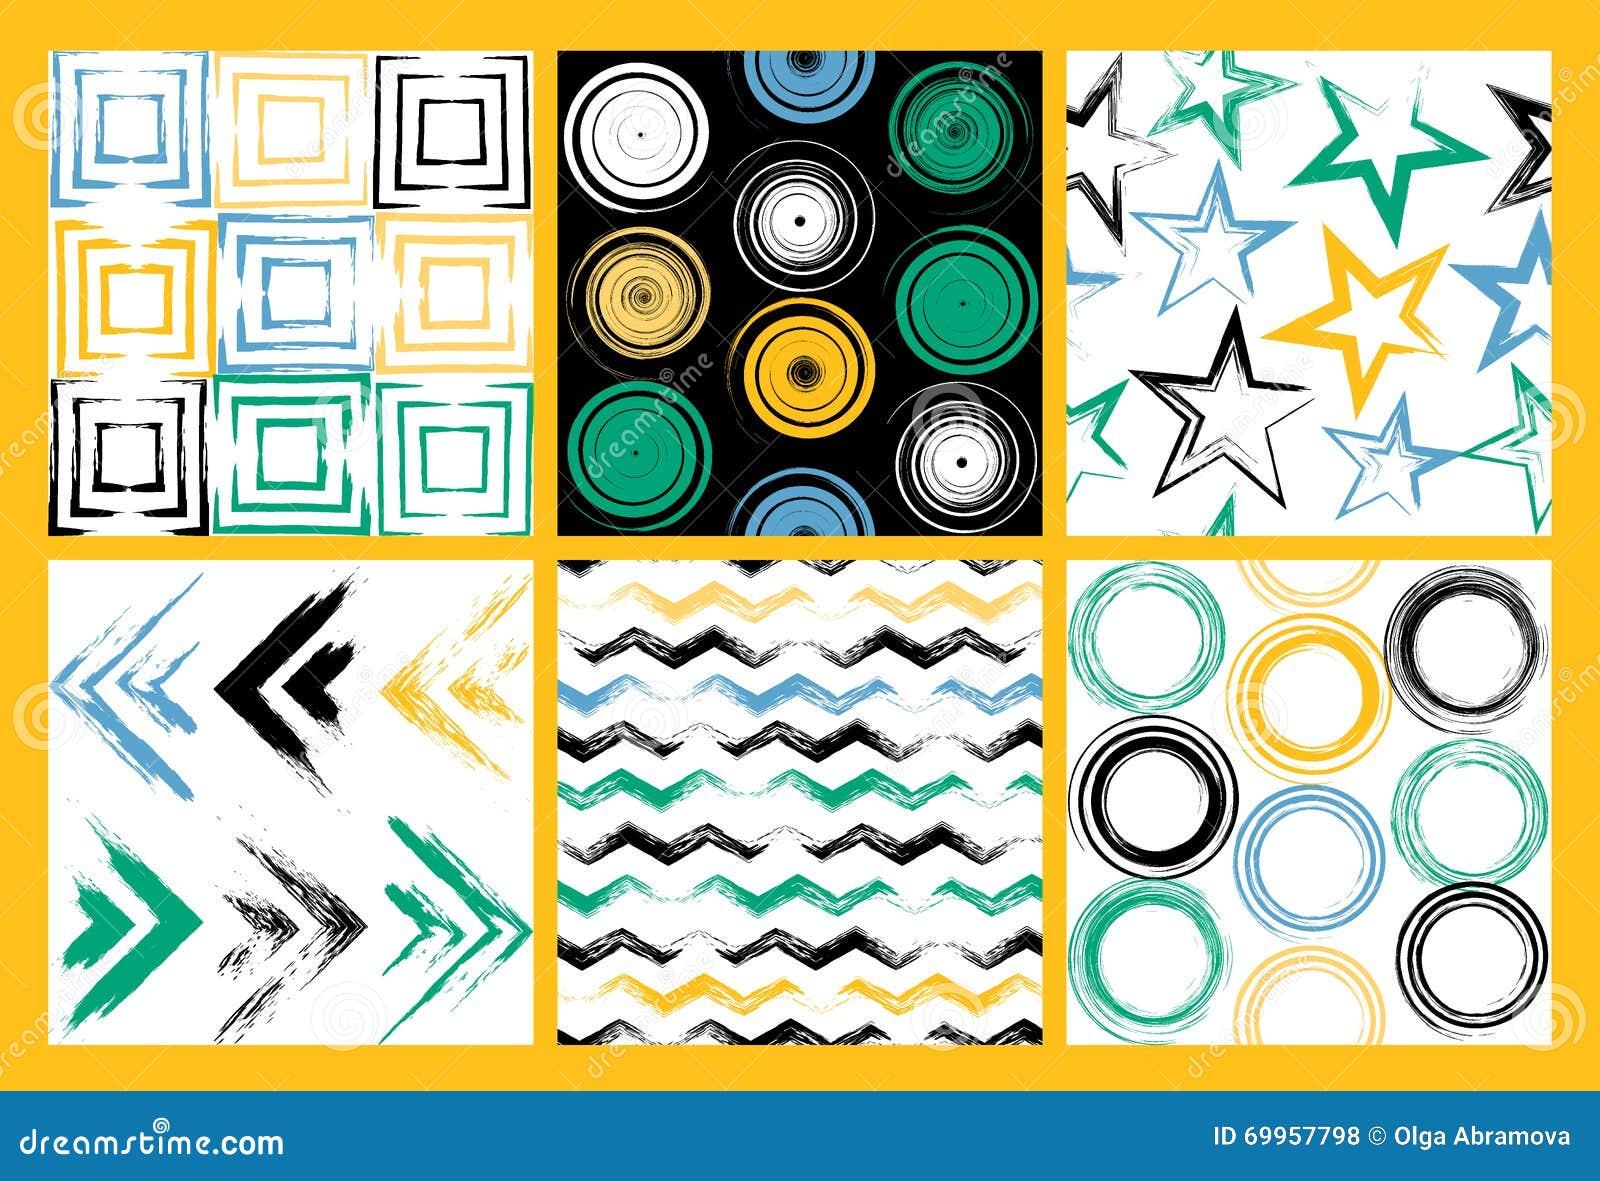 6 nahtlose Muster des netten unterschiedlichen Vektors Strudel, Kreise, Bürstenanschläge, Quadrate, abstrakte geometrische Formen